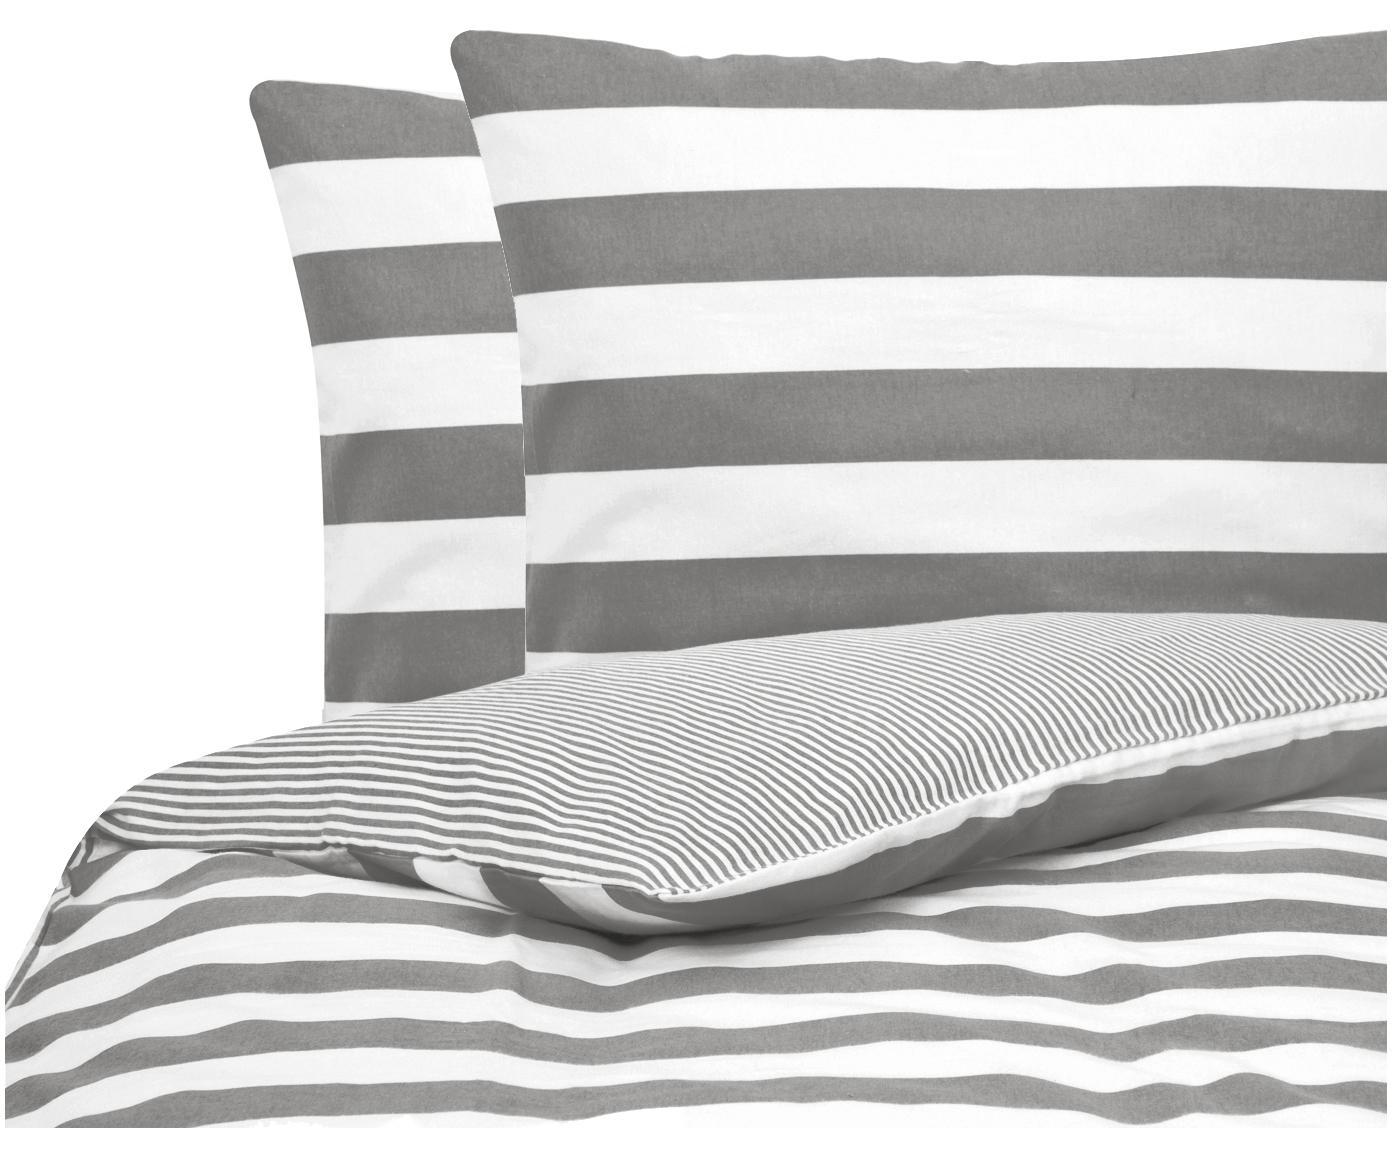 Flanell-Wendebettwäsche Dora, gestreift, Webart: Flanell Flanell ist ein s, Weiß, Grau, 240 x 220 cm + 2 Kissen 80 x 80 cm